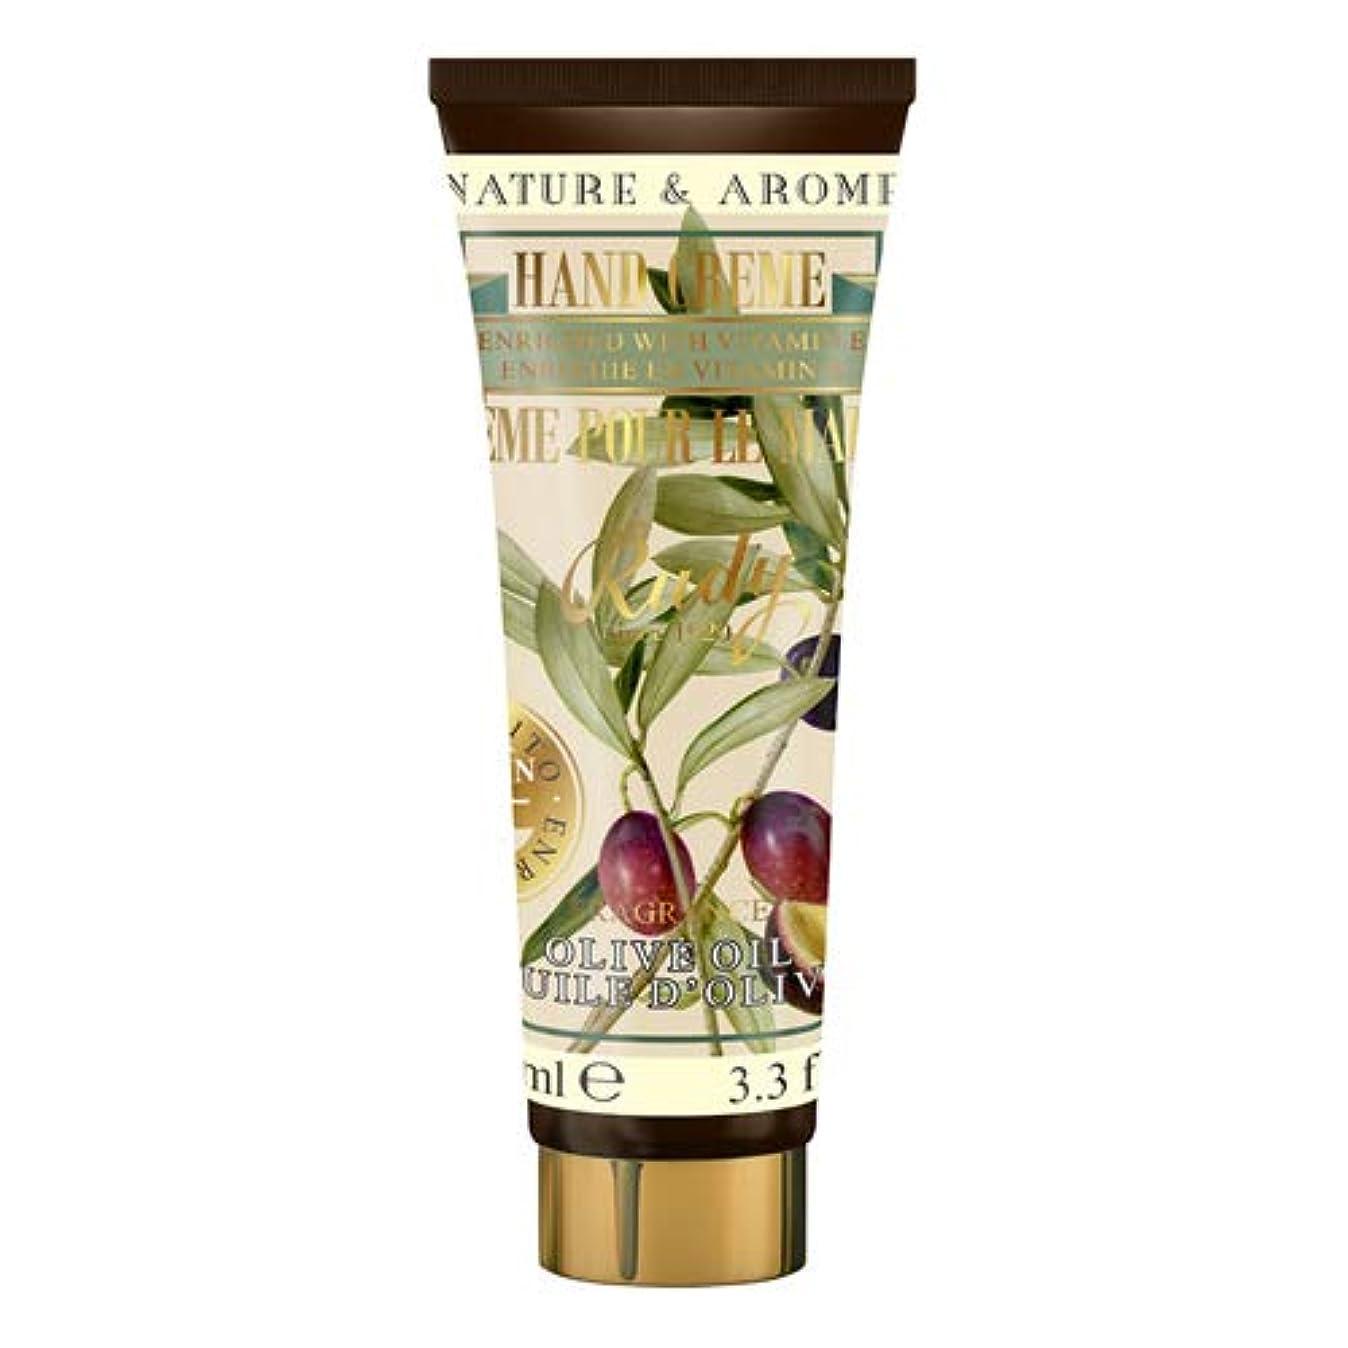 申し立てる崇拝するスラッシュRUDY Nature&Arome Apothecary ネイチャーアロマ アポセカリー Hand Cream ハンドクリーム Olive Oil オリーブオイル